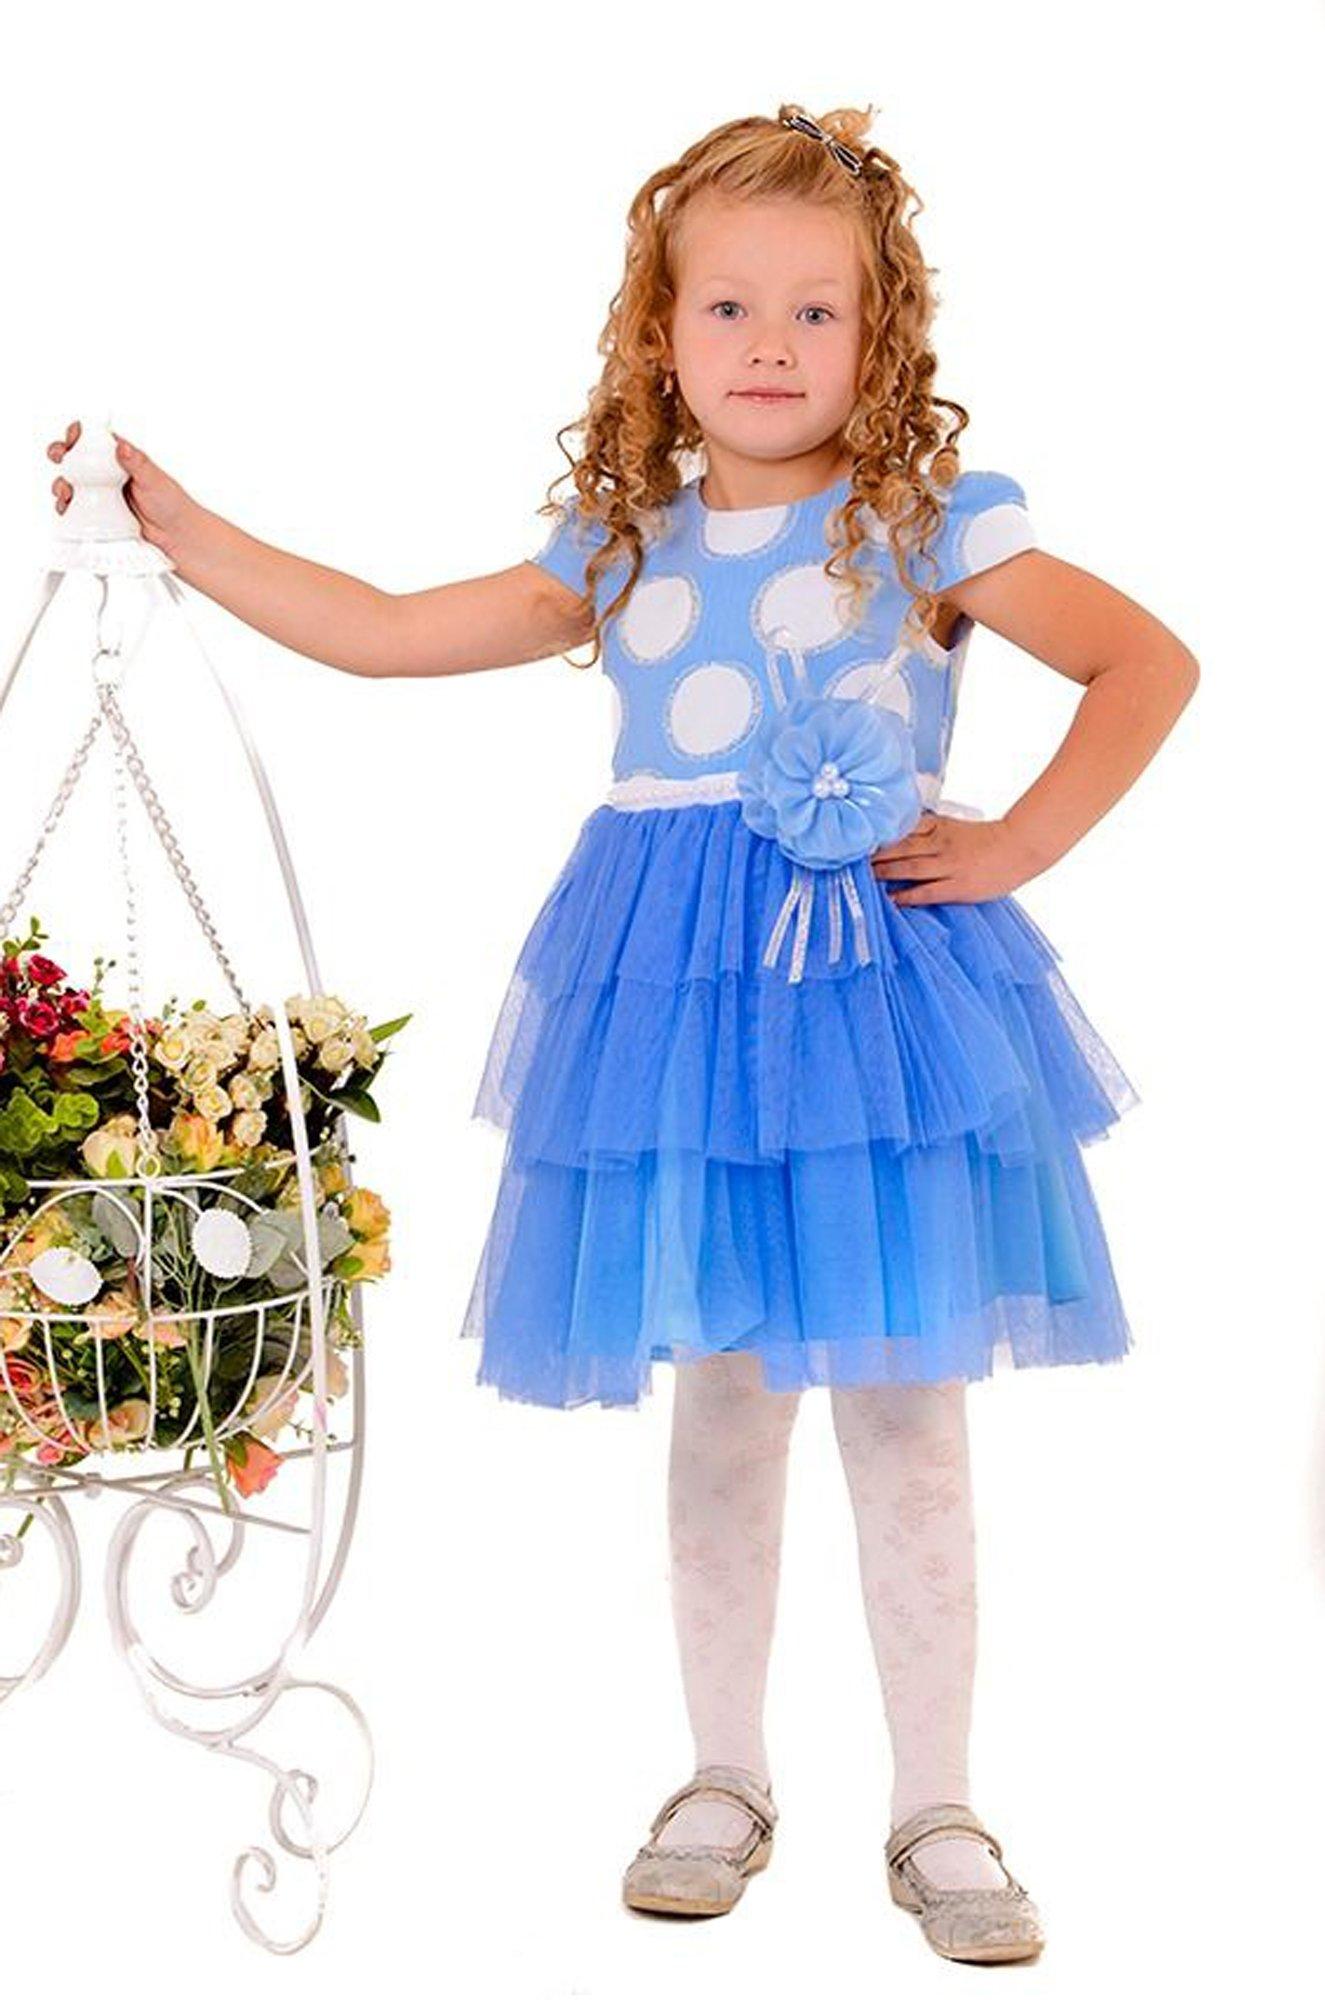 купить в брянске нарядные платья для девочек